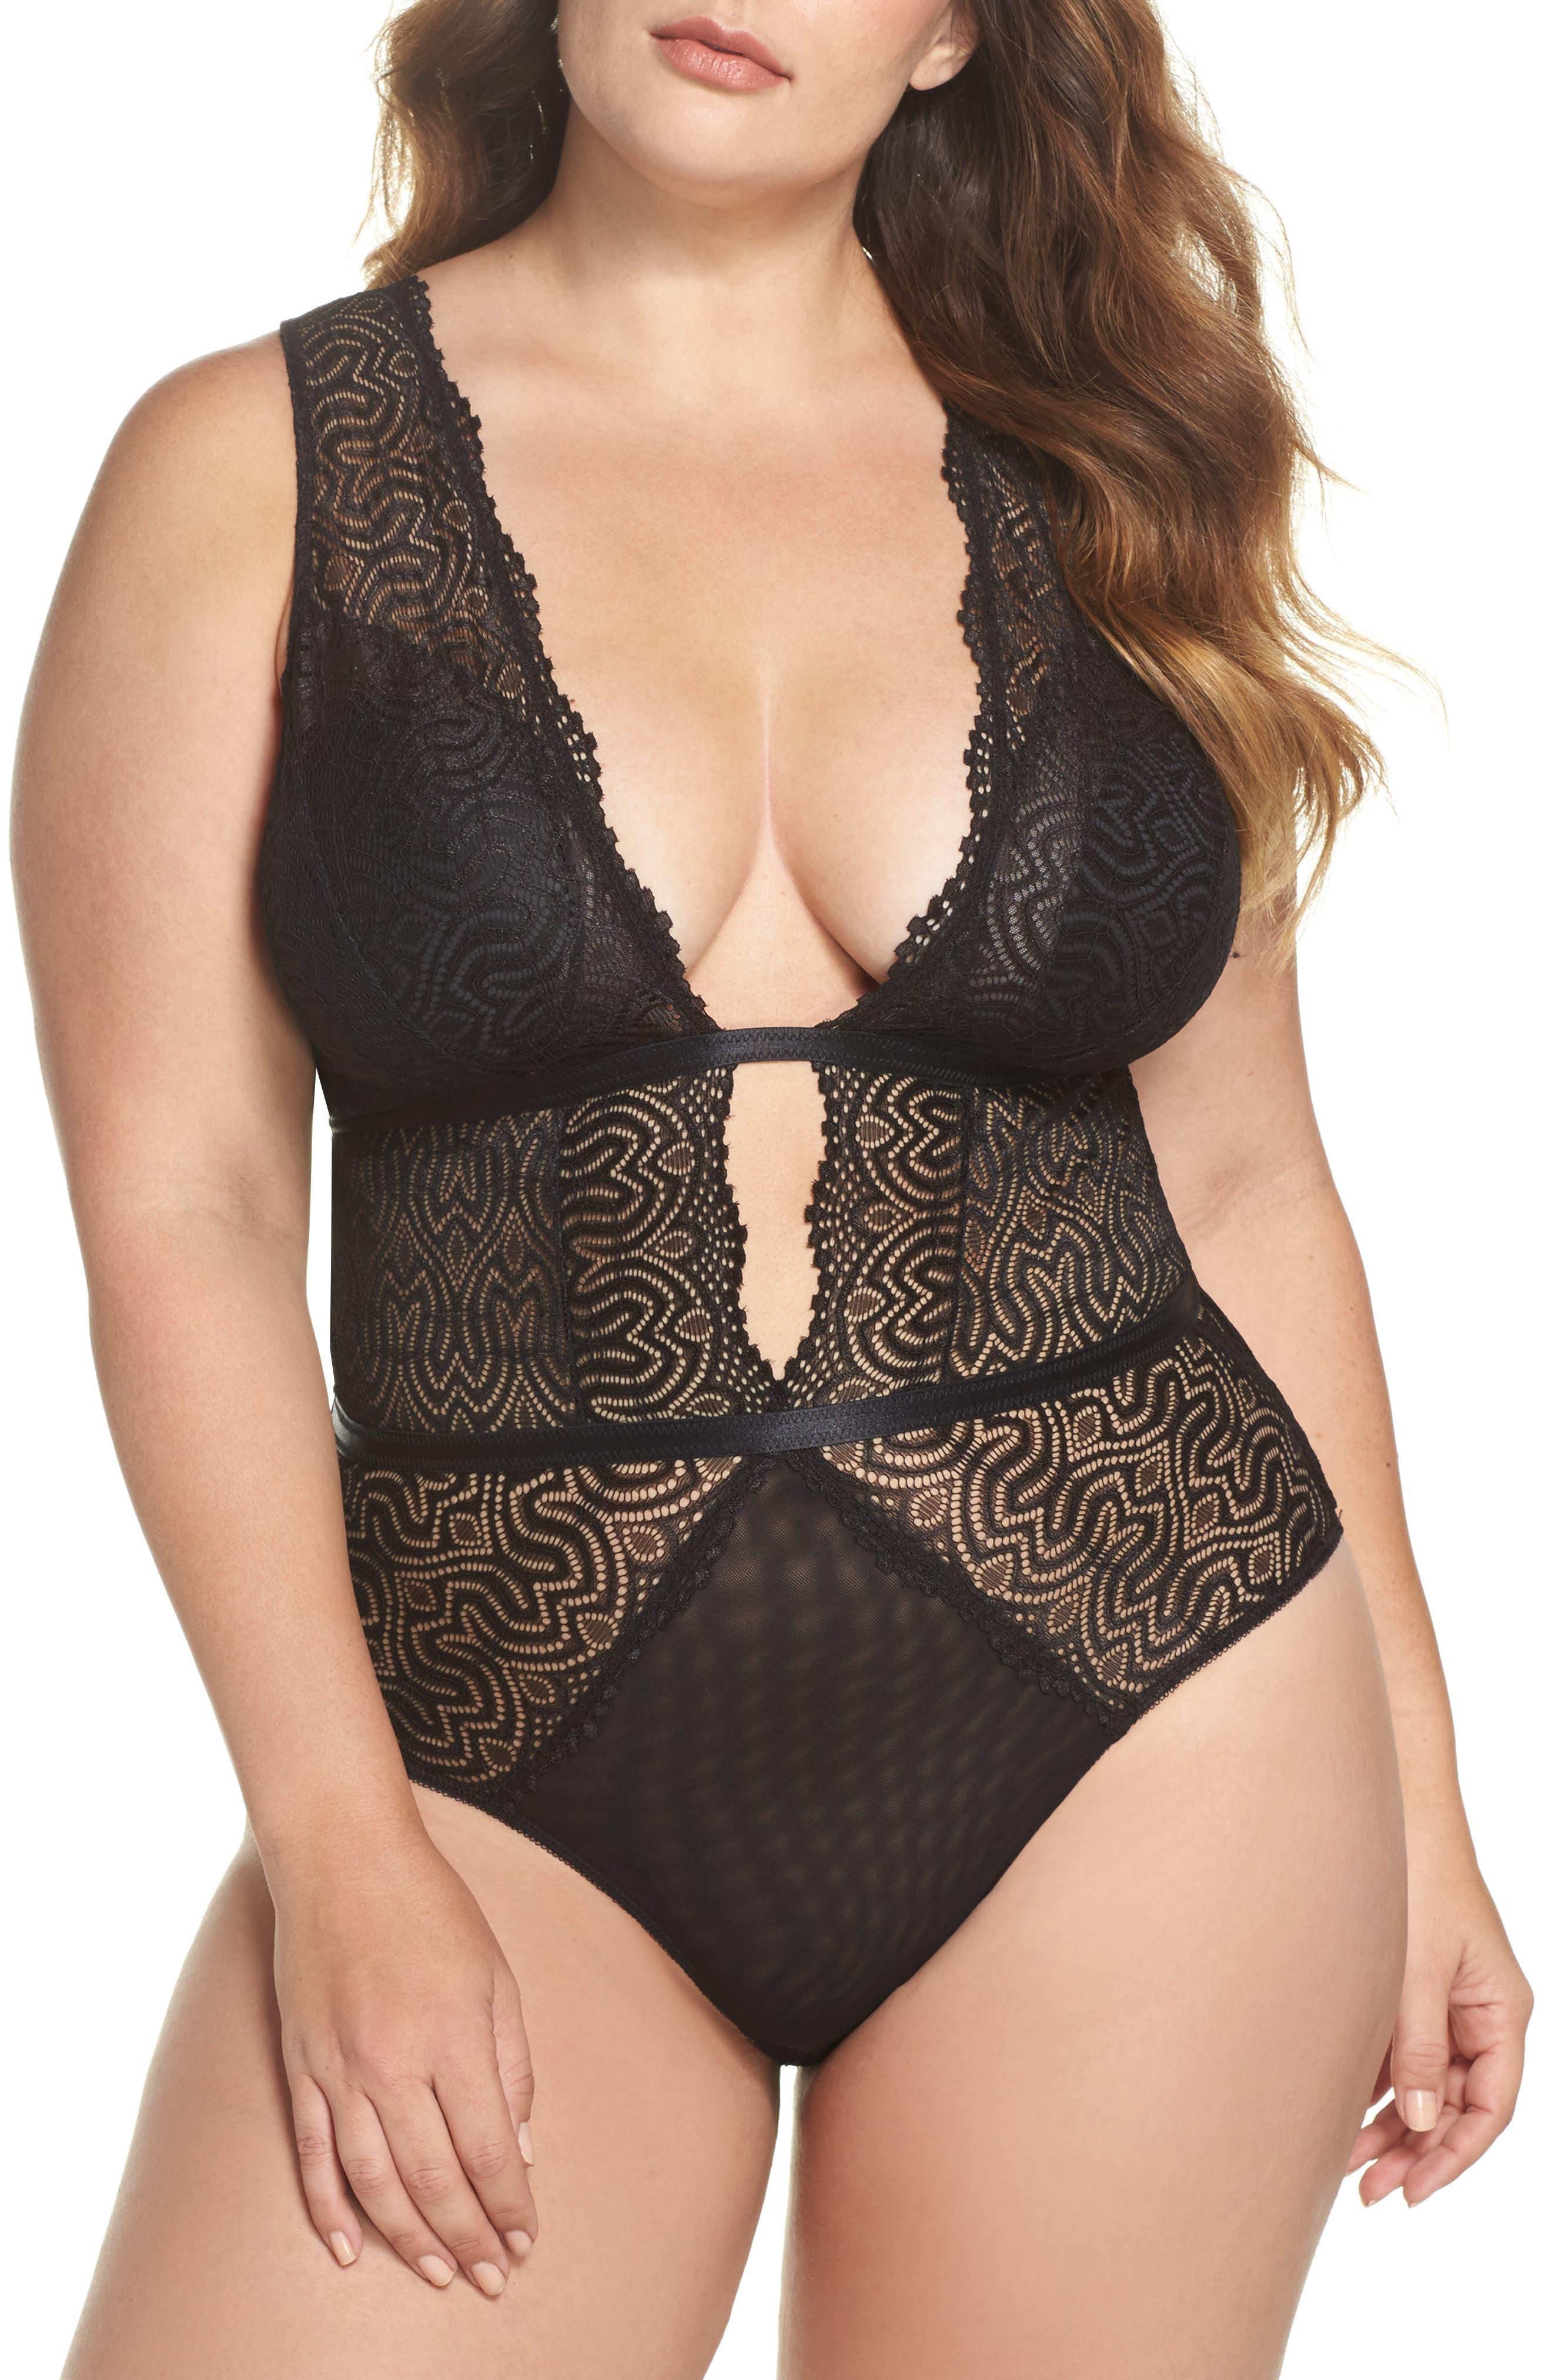 Lucette Edgy Lace Plunge Bodysuit,                             Main thumbnail 1, color,                             BLACK